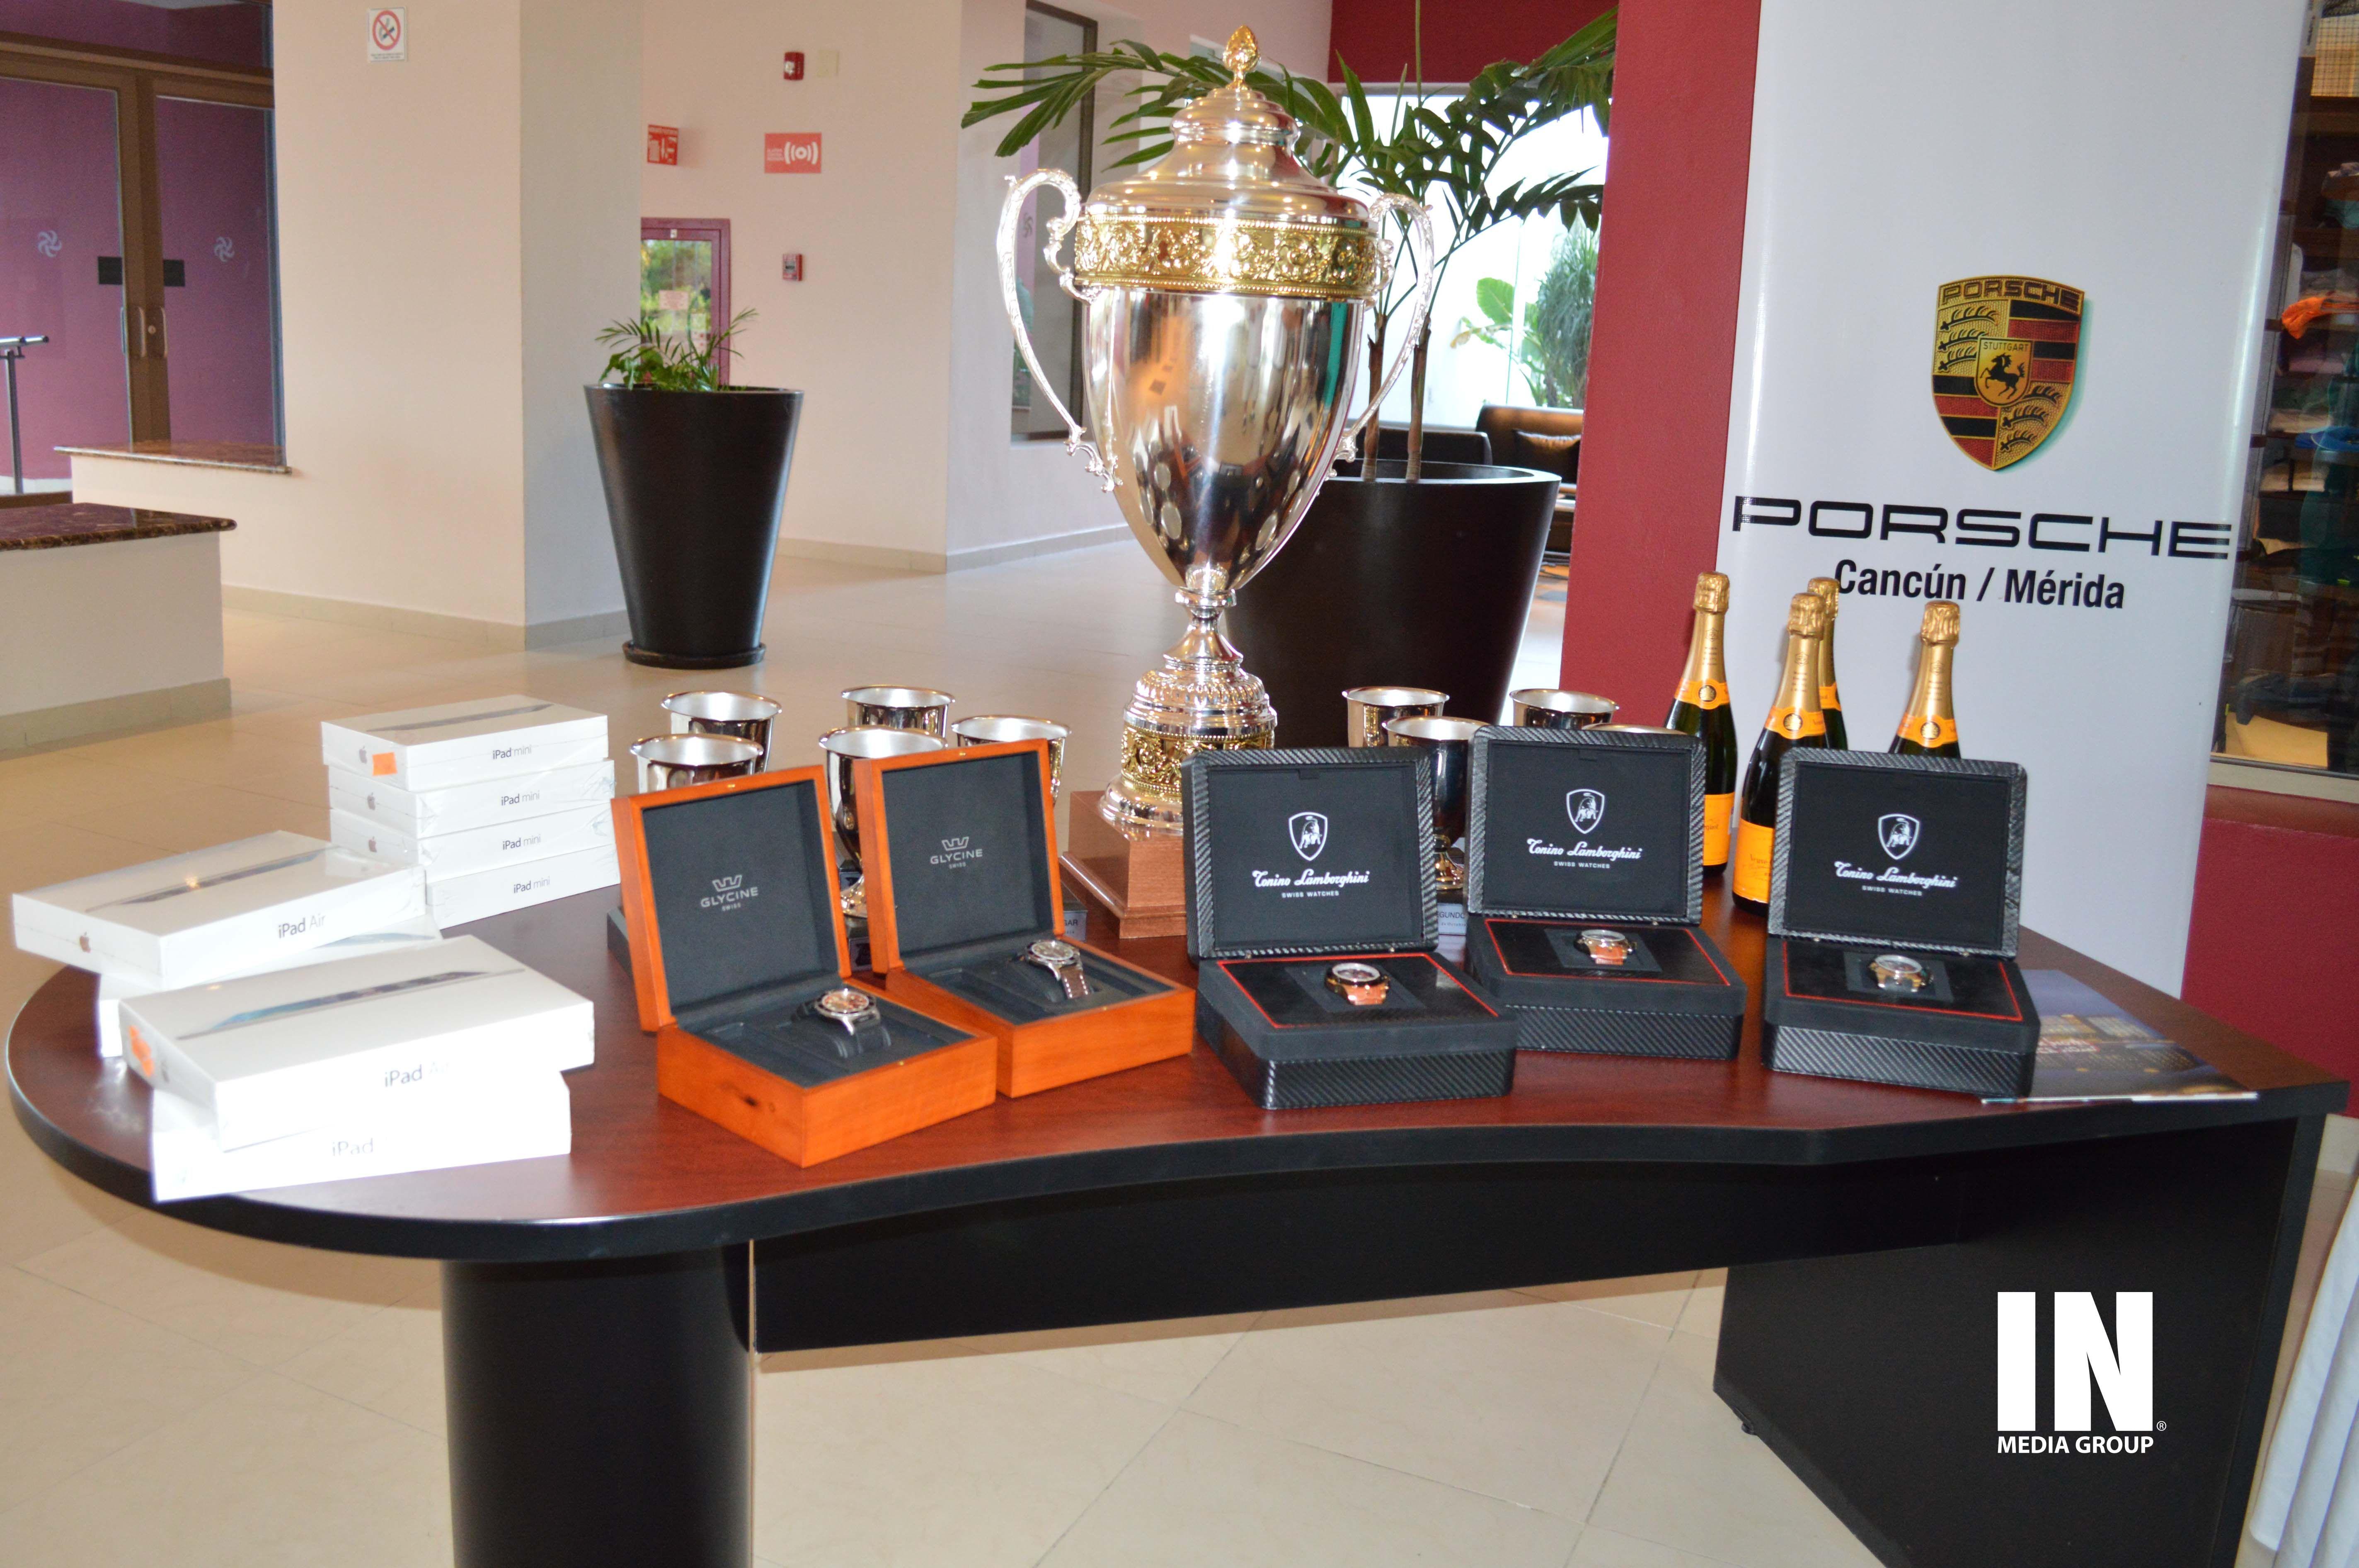 Trofeos y regalos del torneo.